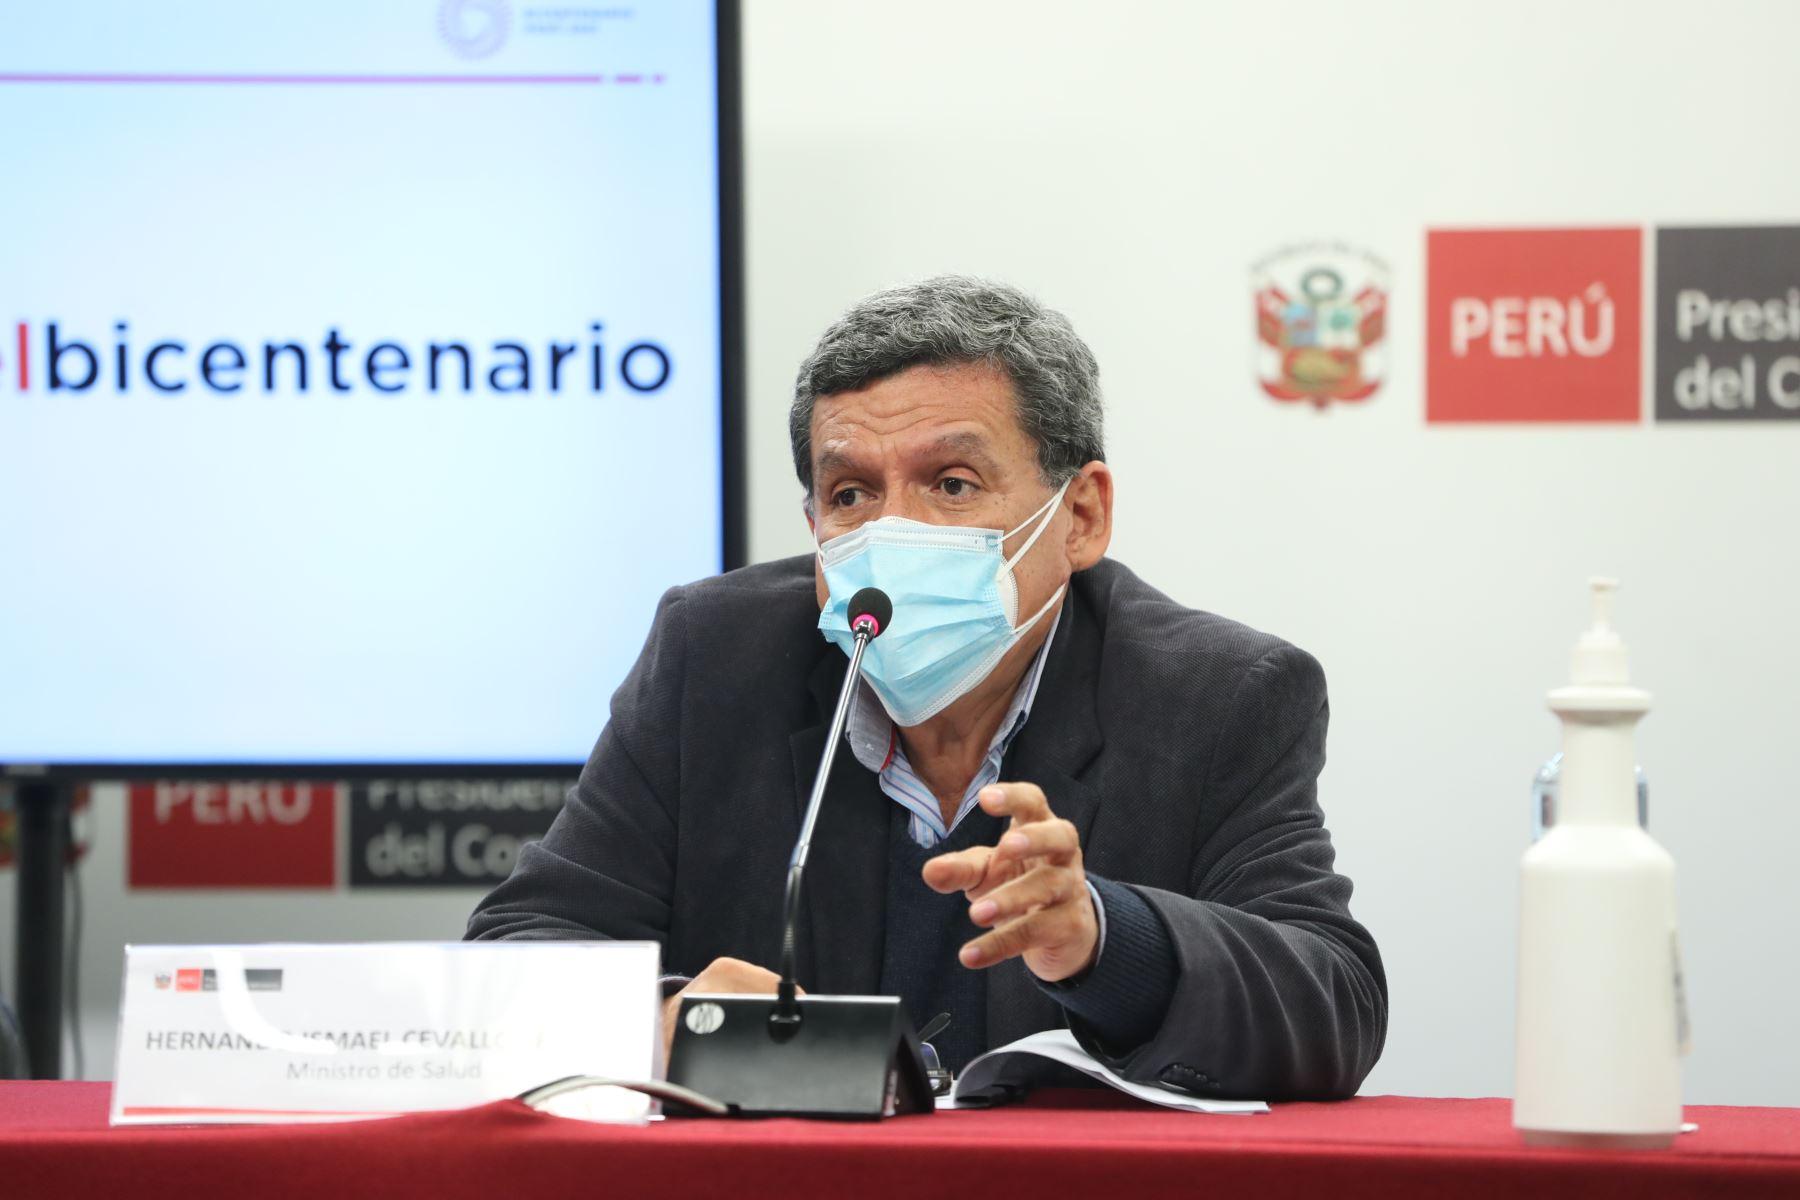 Hernando Cevallos, ministro de salud brinda conferencia de prensa en PCM. Foto: ANDINA/PCM